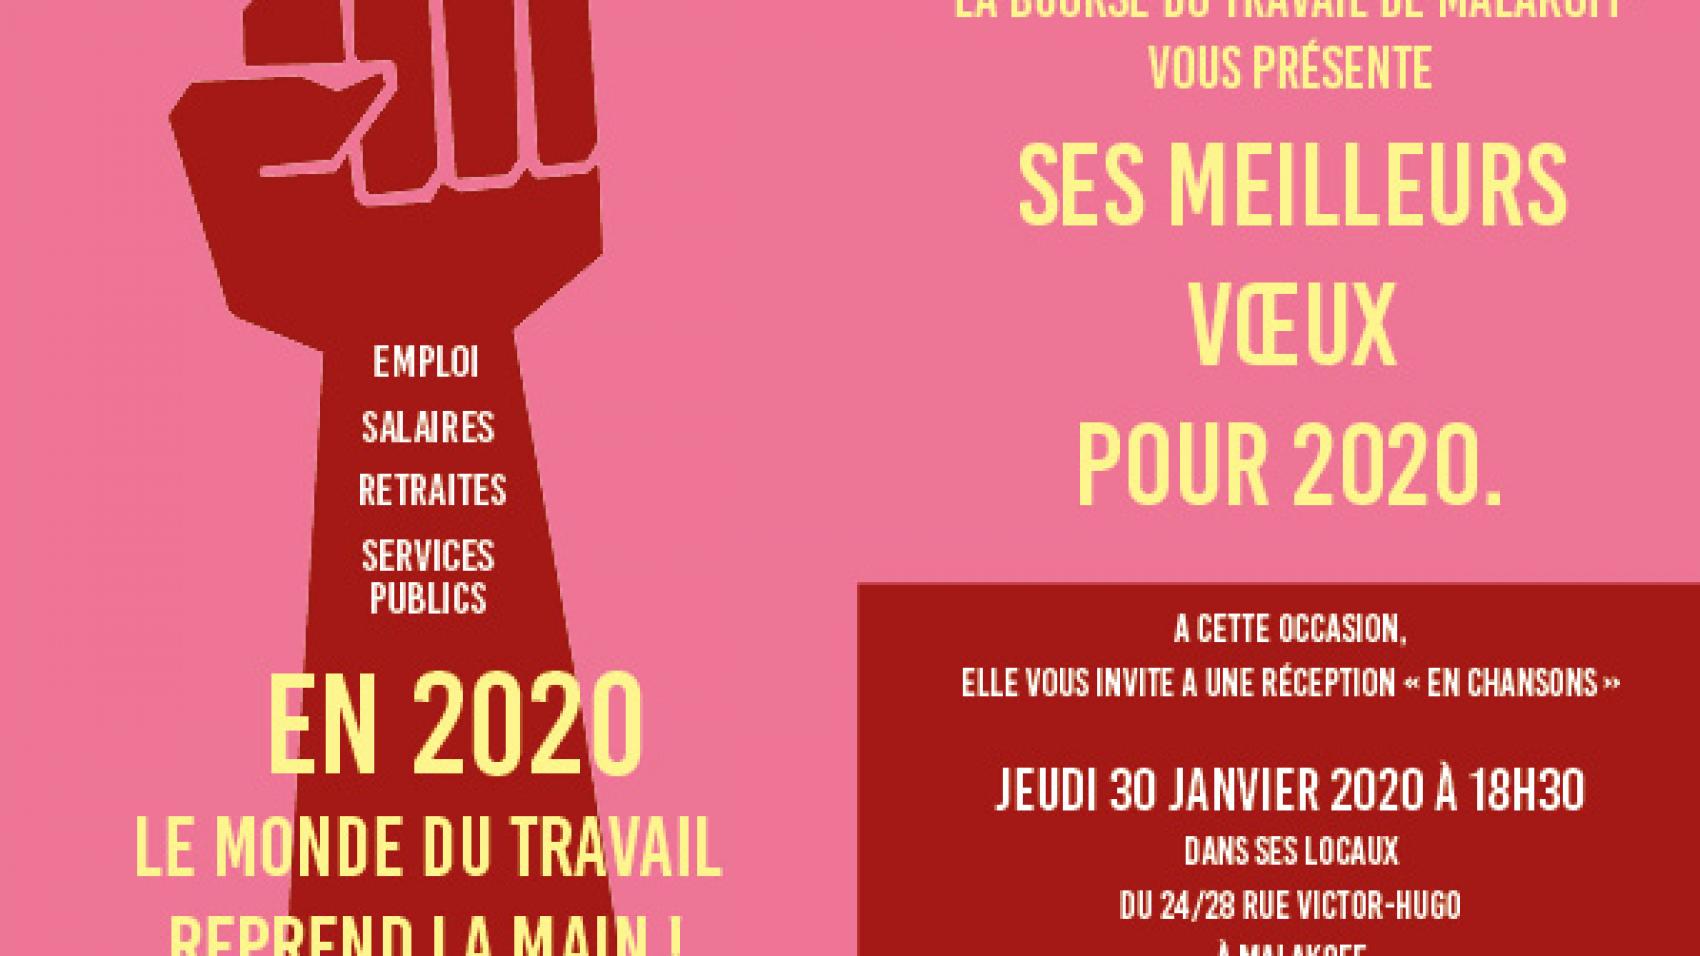 voeux numériques 2020 bourse du travail (1)